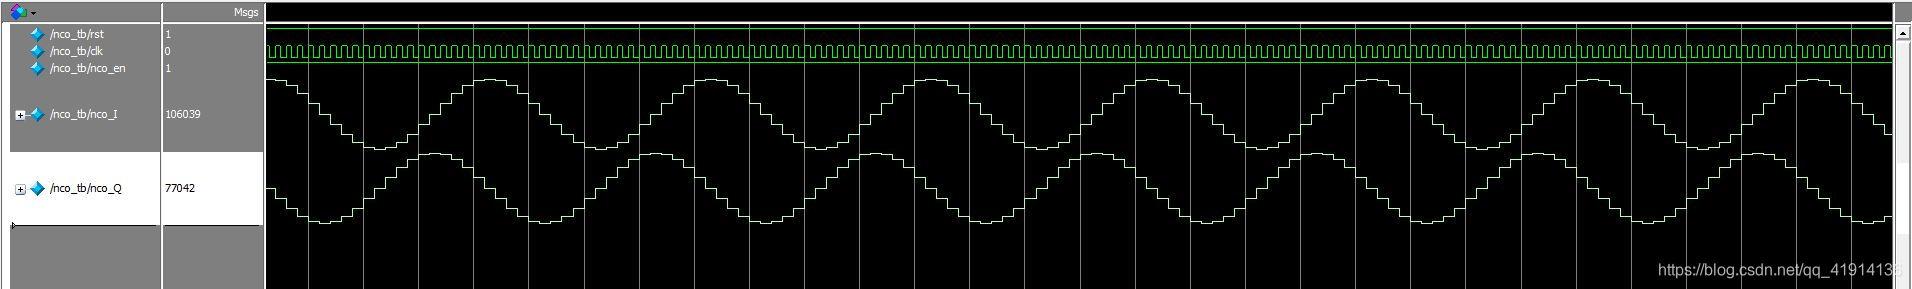 仿真得到的nco输出正余弦波形